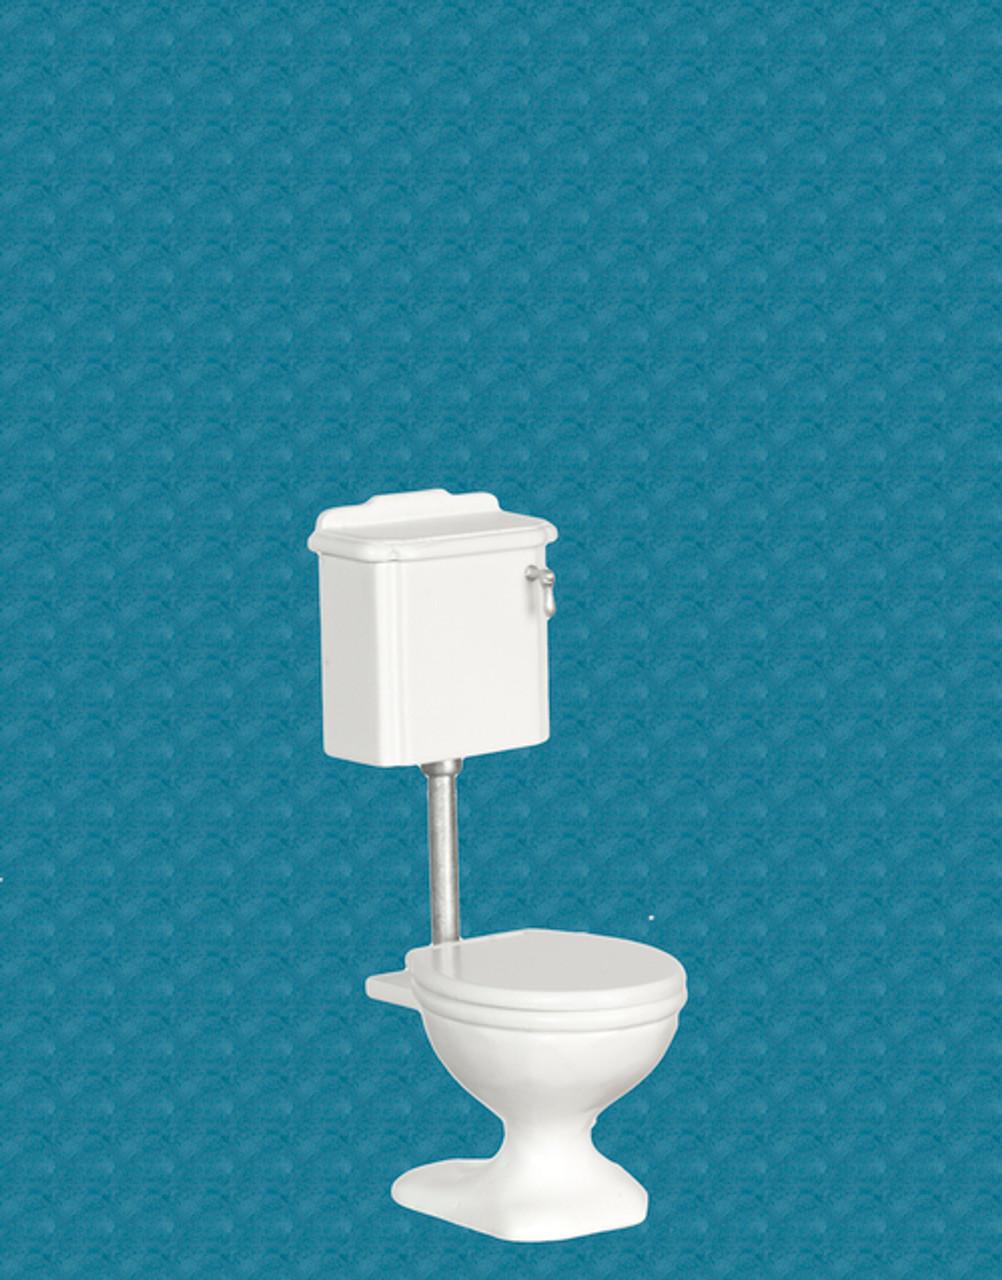 Avalon Toilet - White